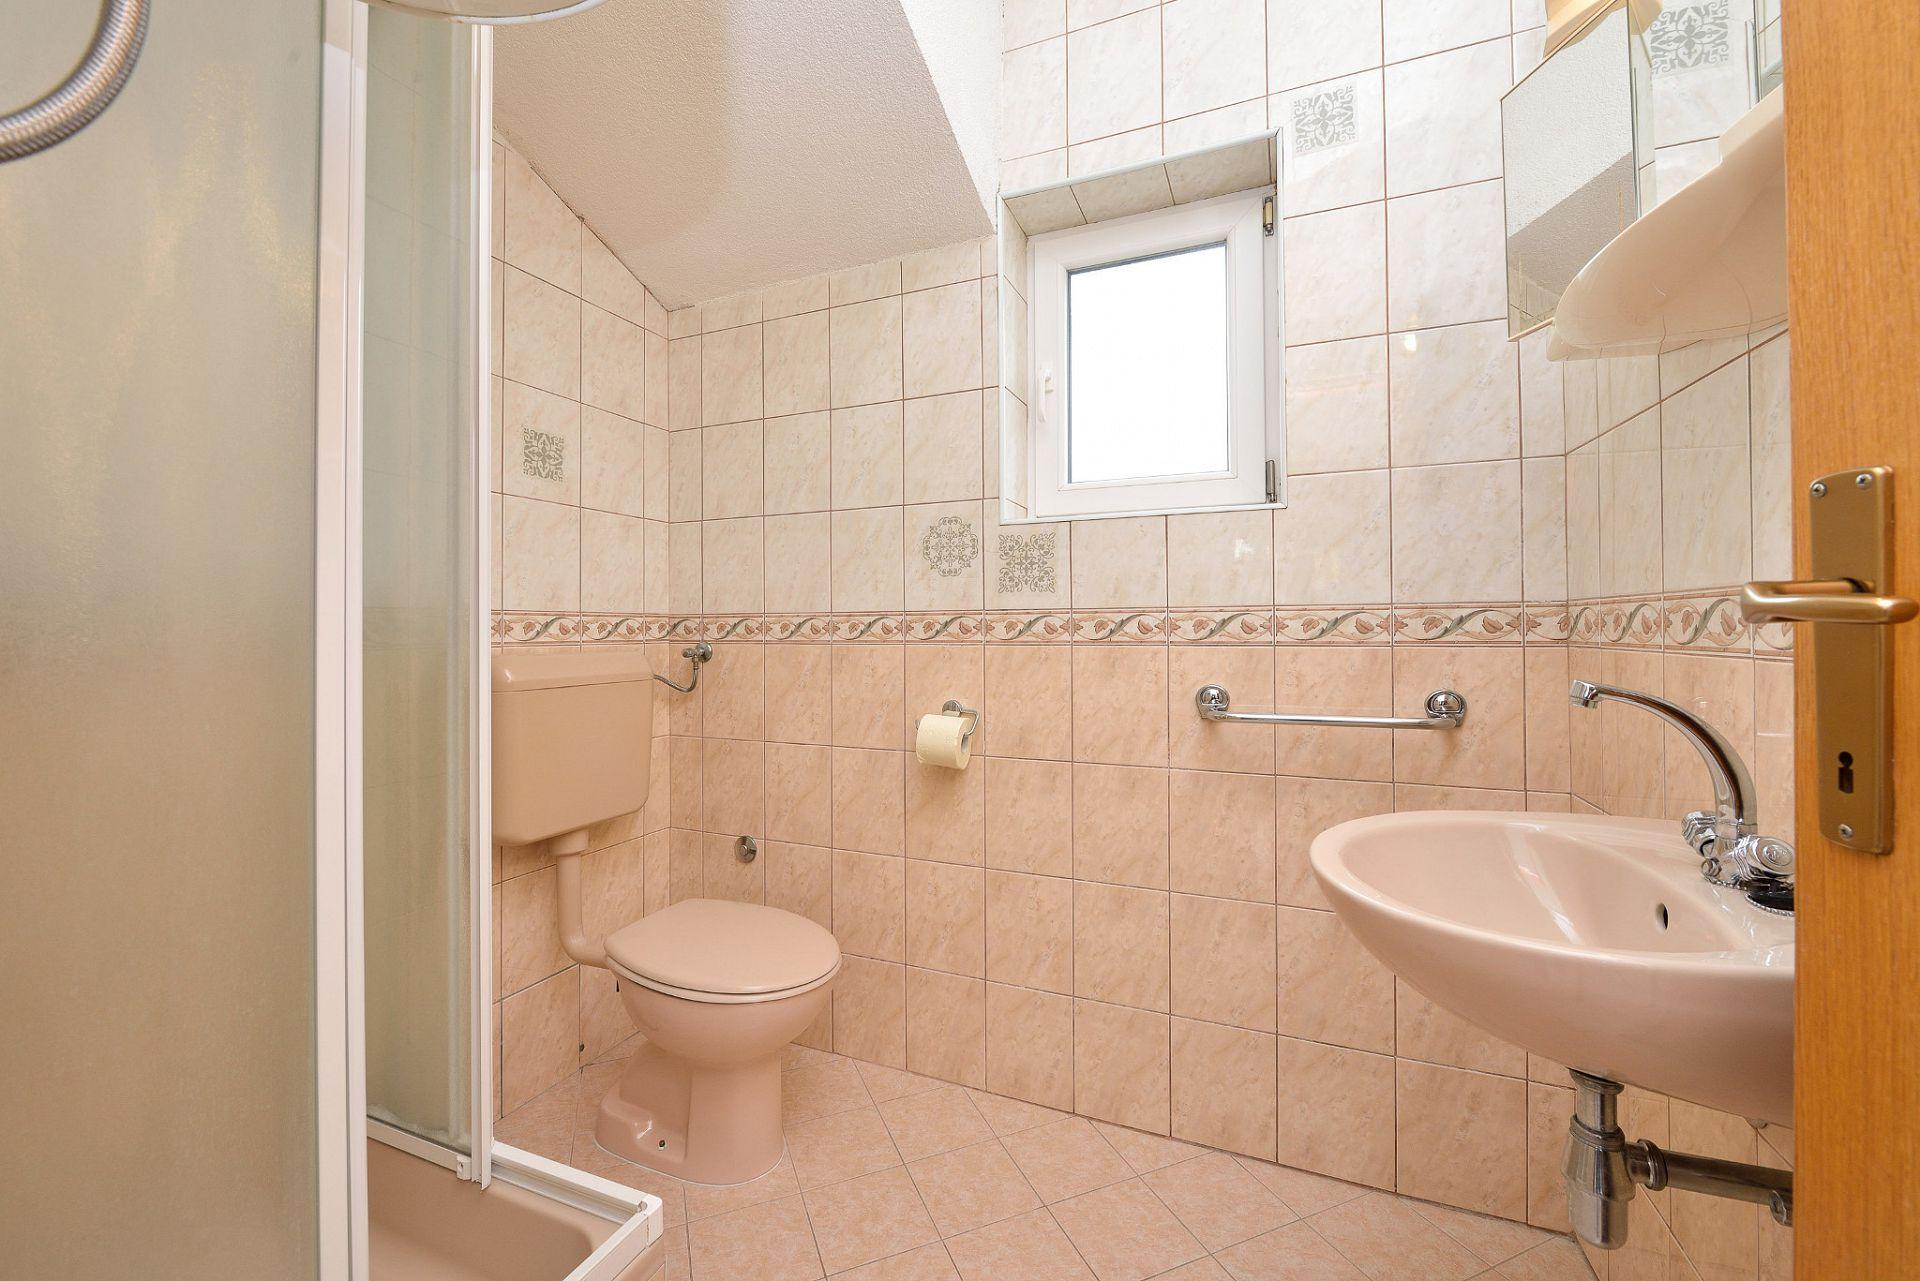 1675 - Drage - Apartmanok Horvátország - A3(2+2): fürdőszoba toalettel